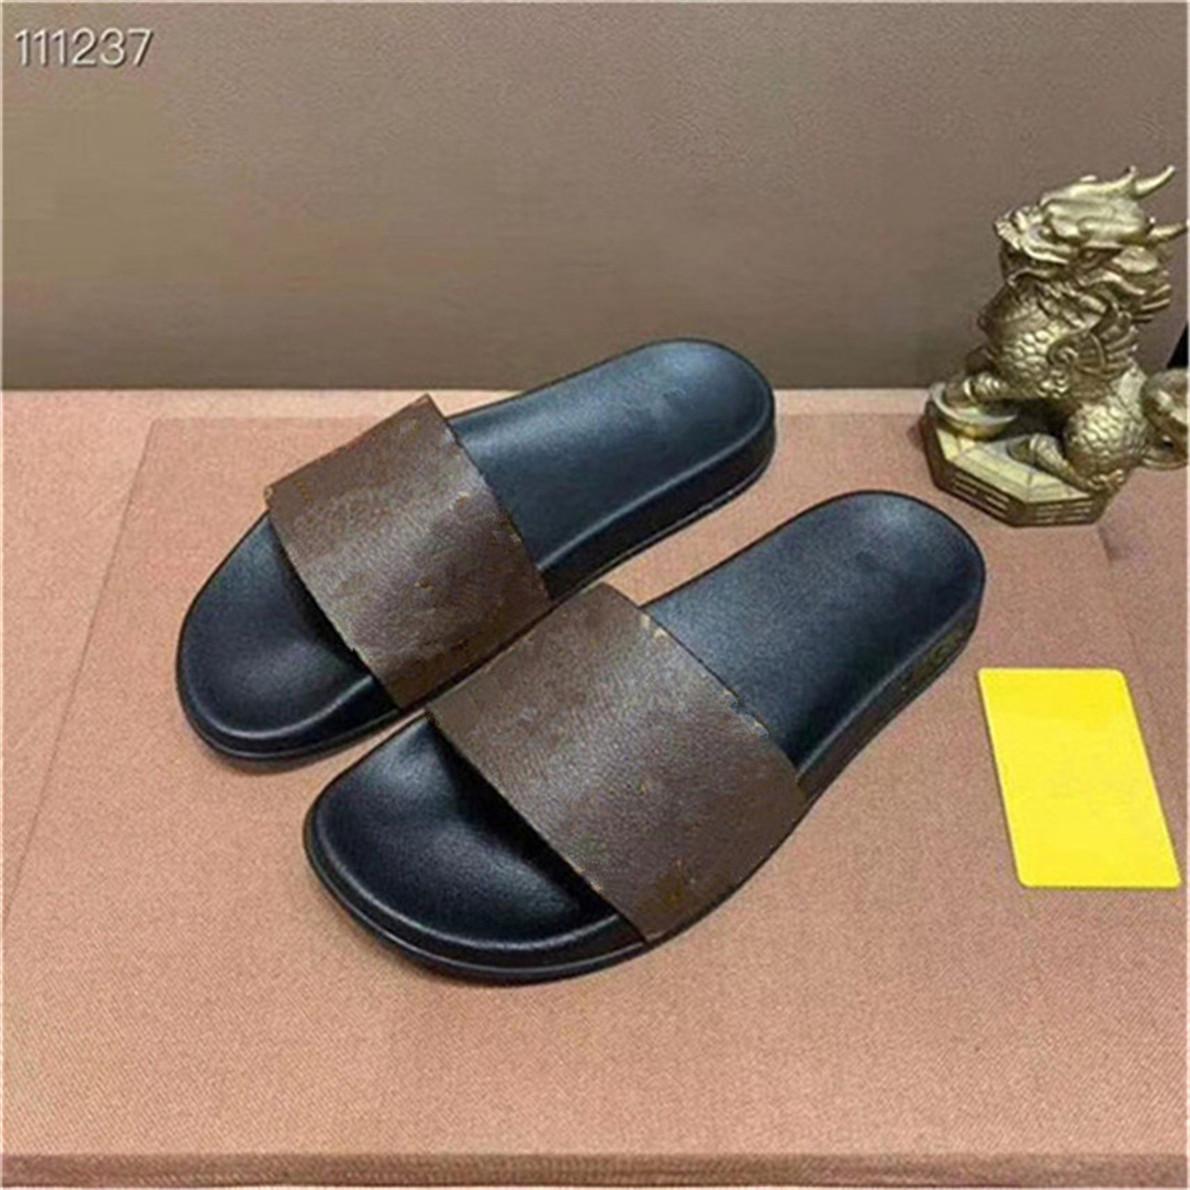 Os últimos mais novos02 MEN'S Women's Platform Heaver Heaver Saltos Sapatos Casuais Sapatos Lisos Sandálias As últimas Sandálias das Mulheres Chinelos Pescador Sapatos